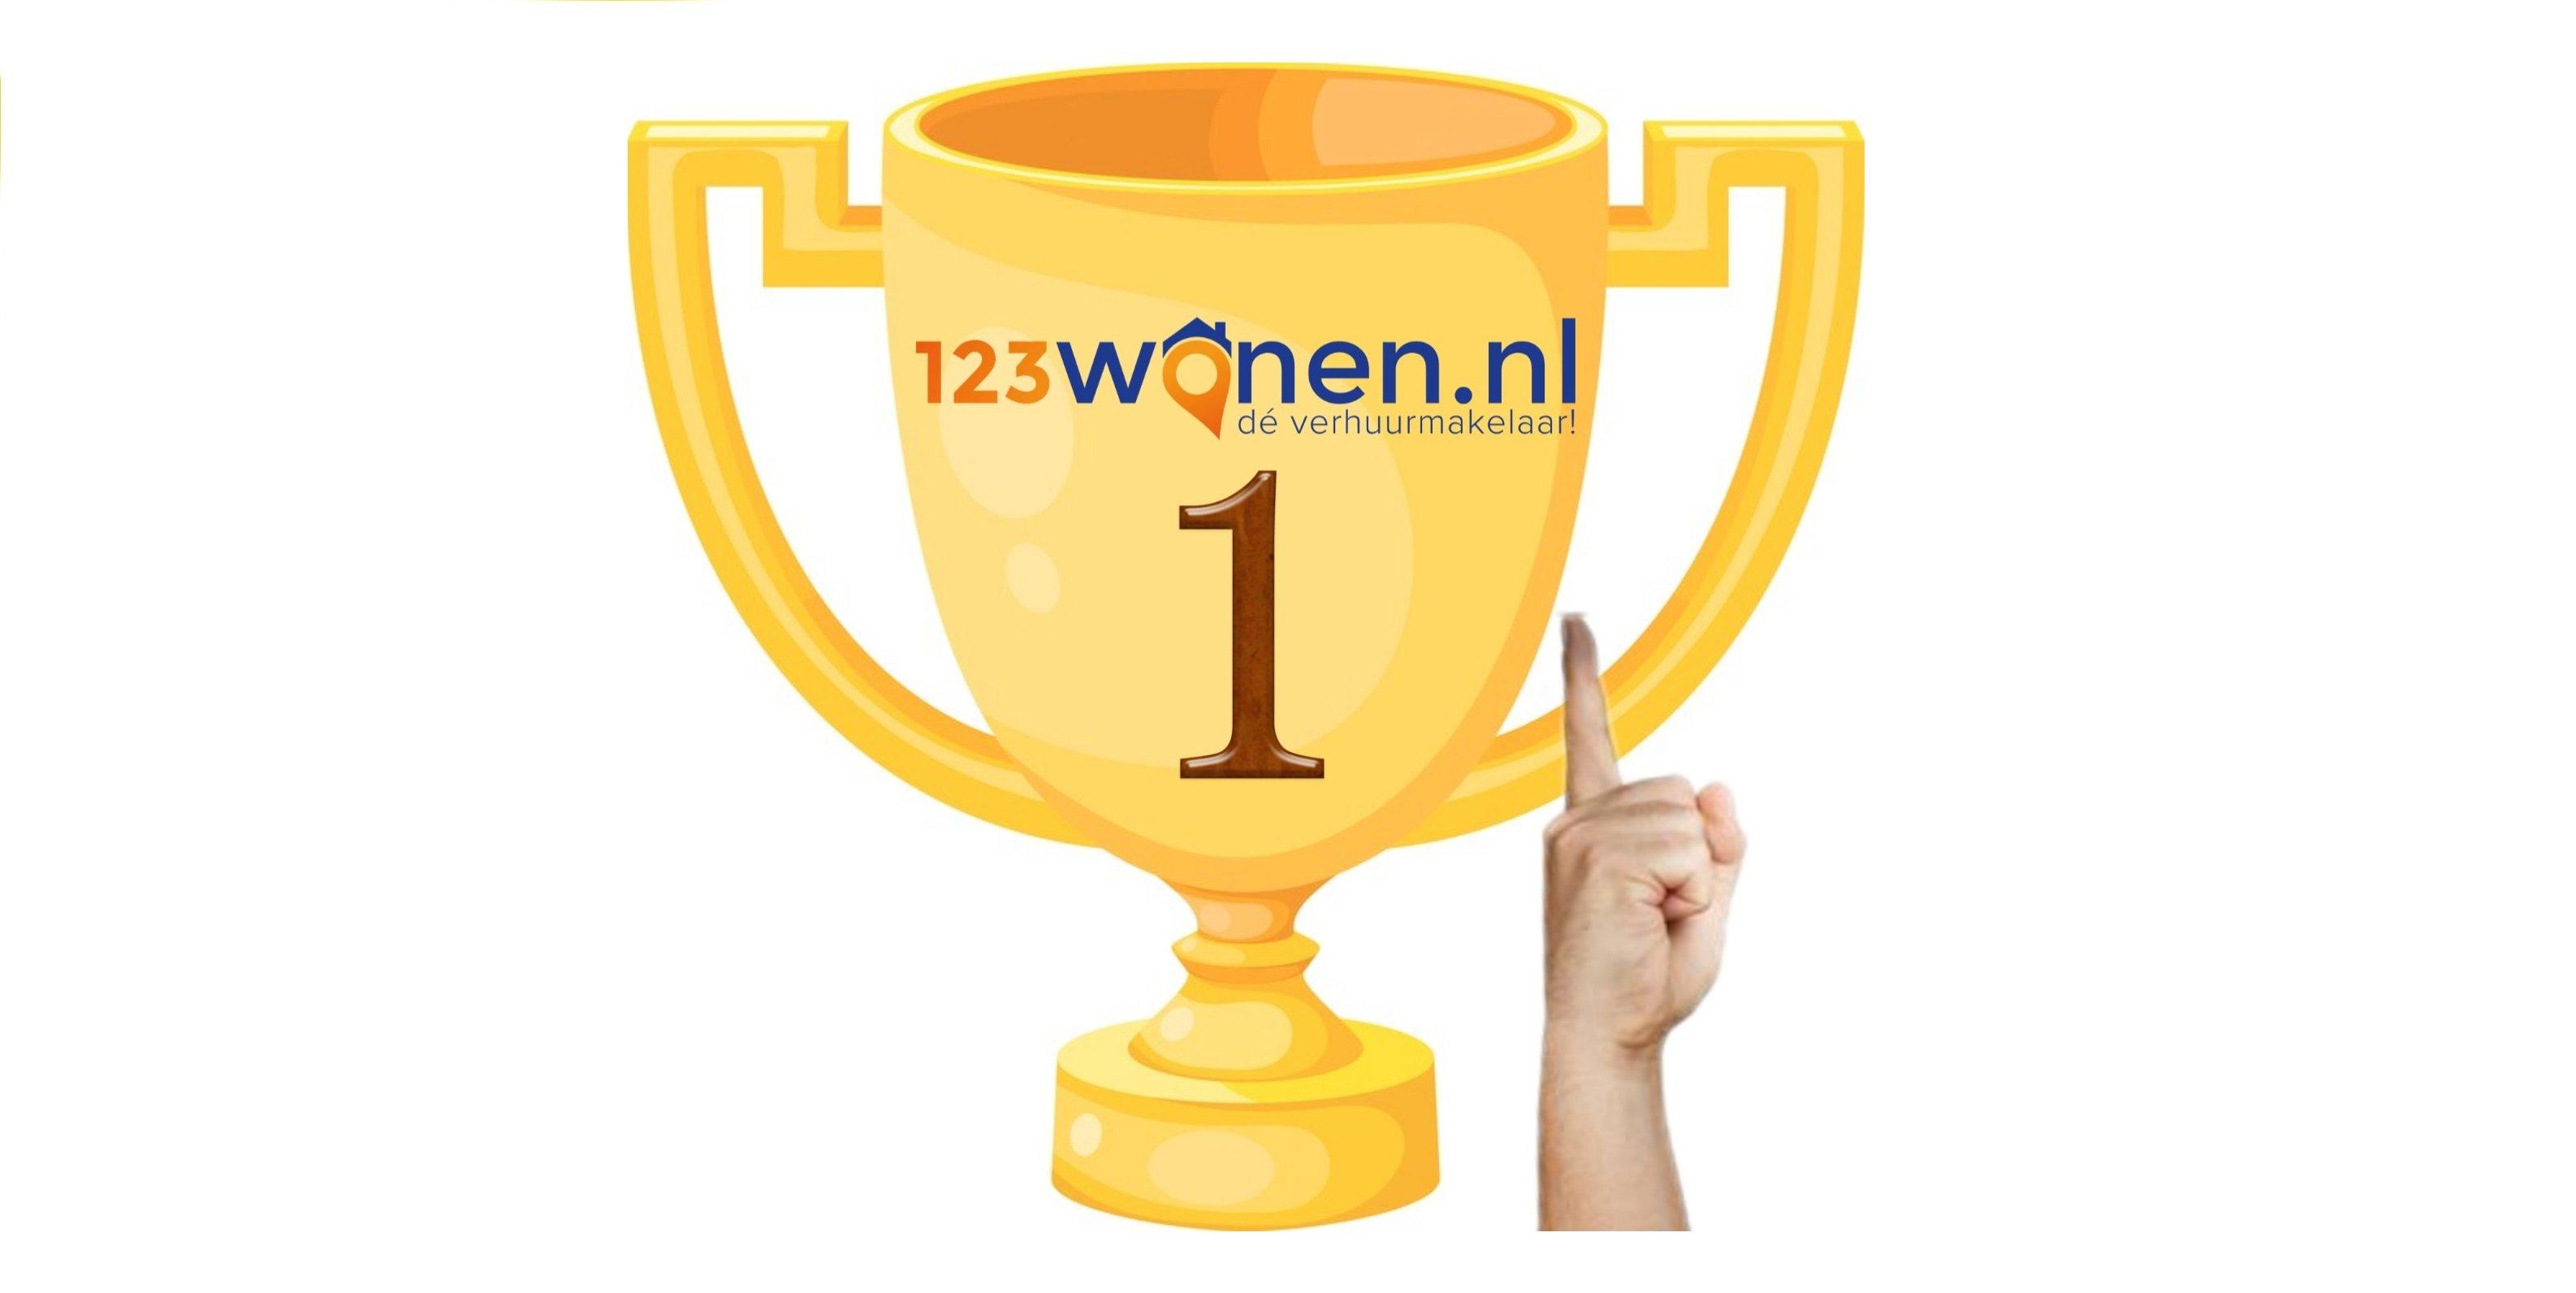 123Wonen uitgeroepen tot nummer 1 verhuurmakelaar van Nederland